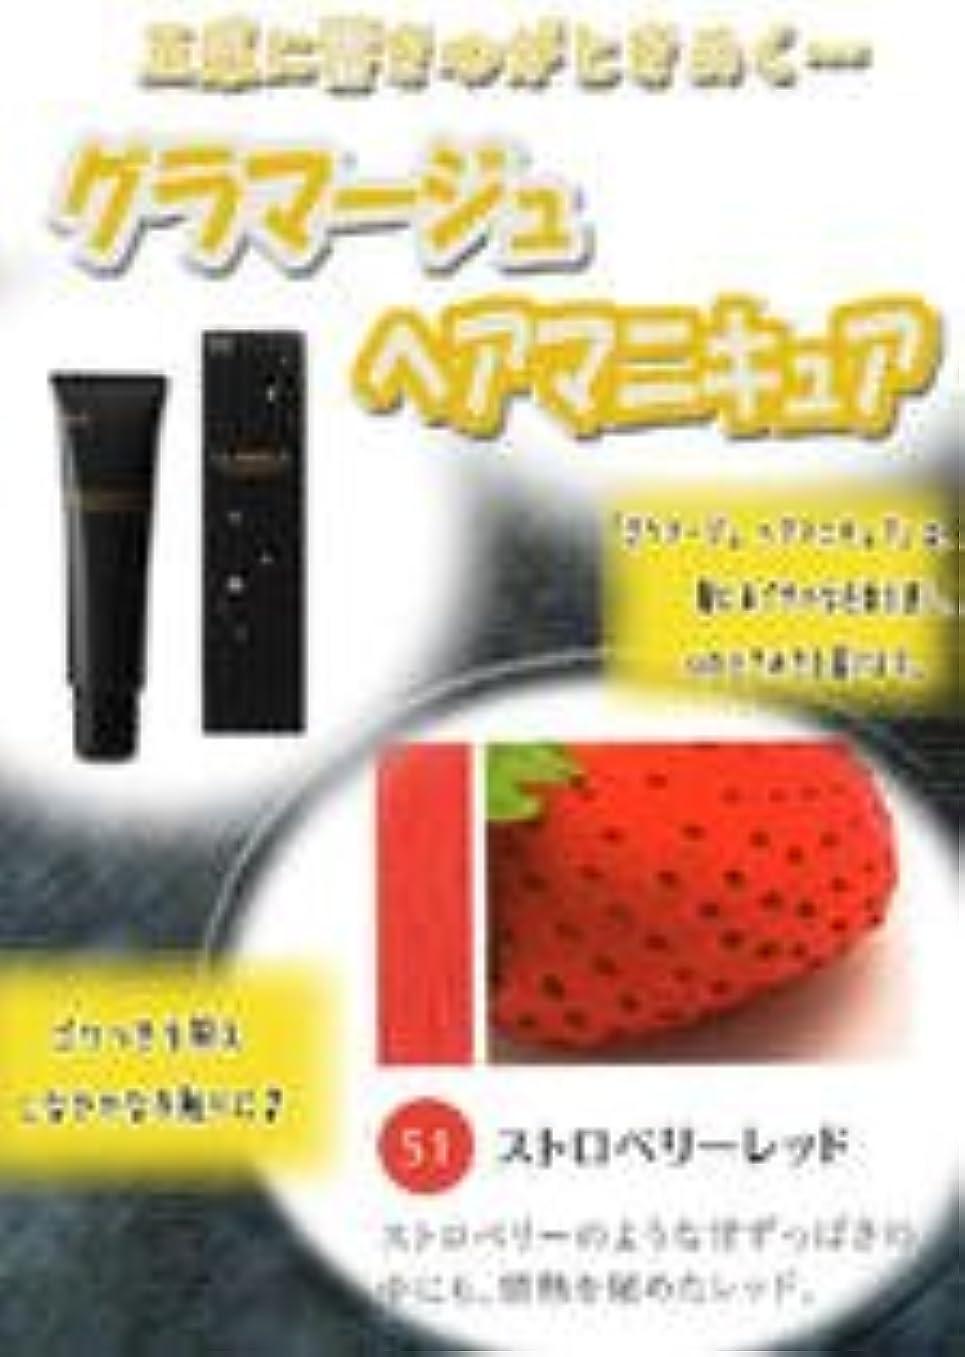 HOYU ホーユー グラマージュ ヘアマニキュア 51 ストロベリーレッド 150g 【ビビッド系】